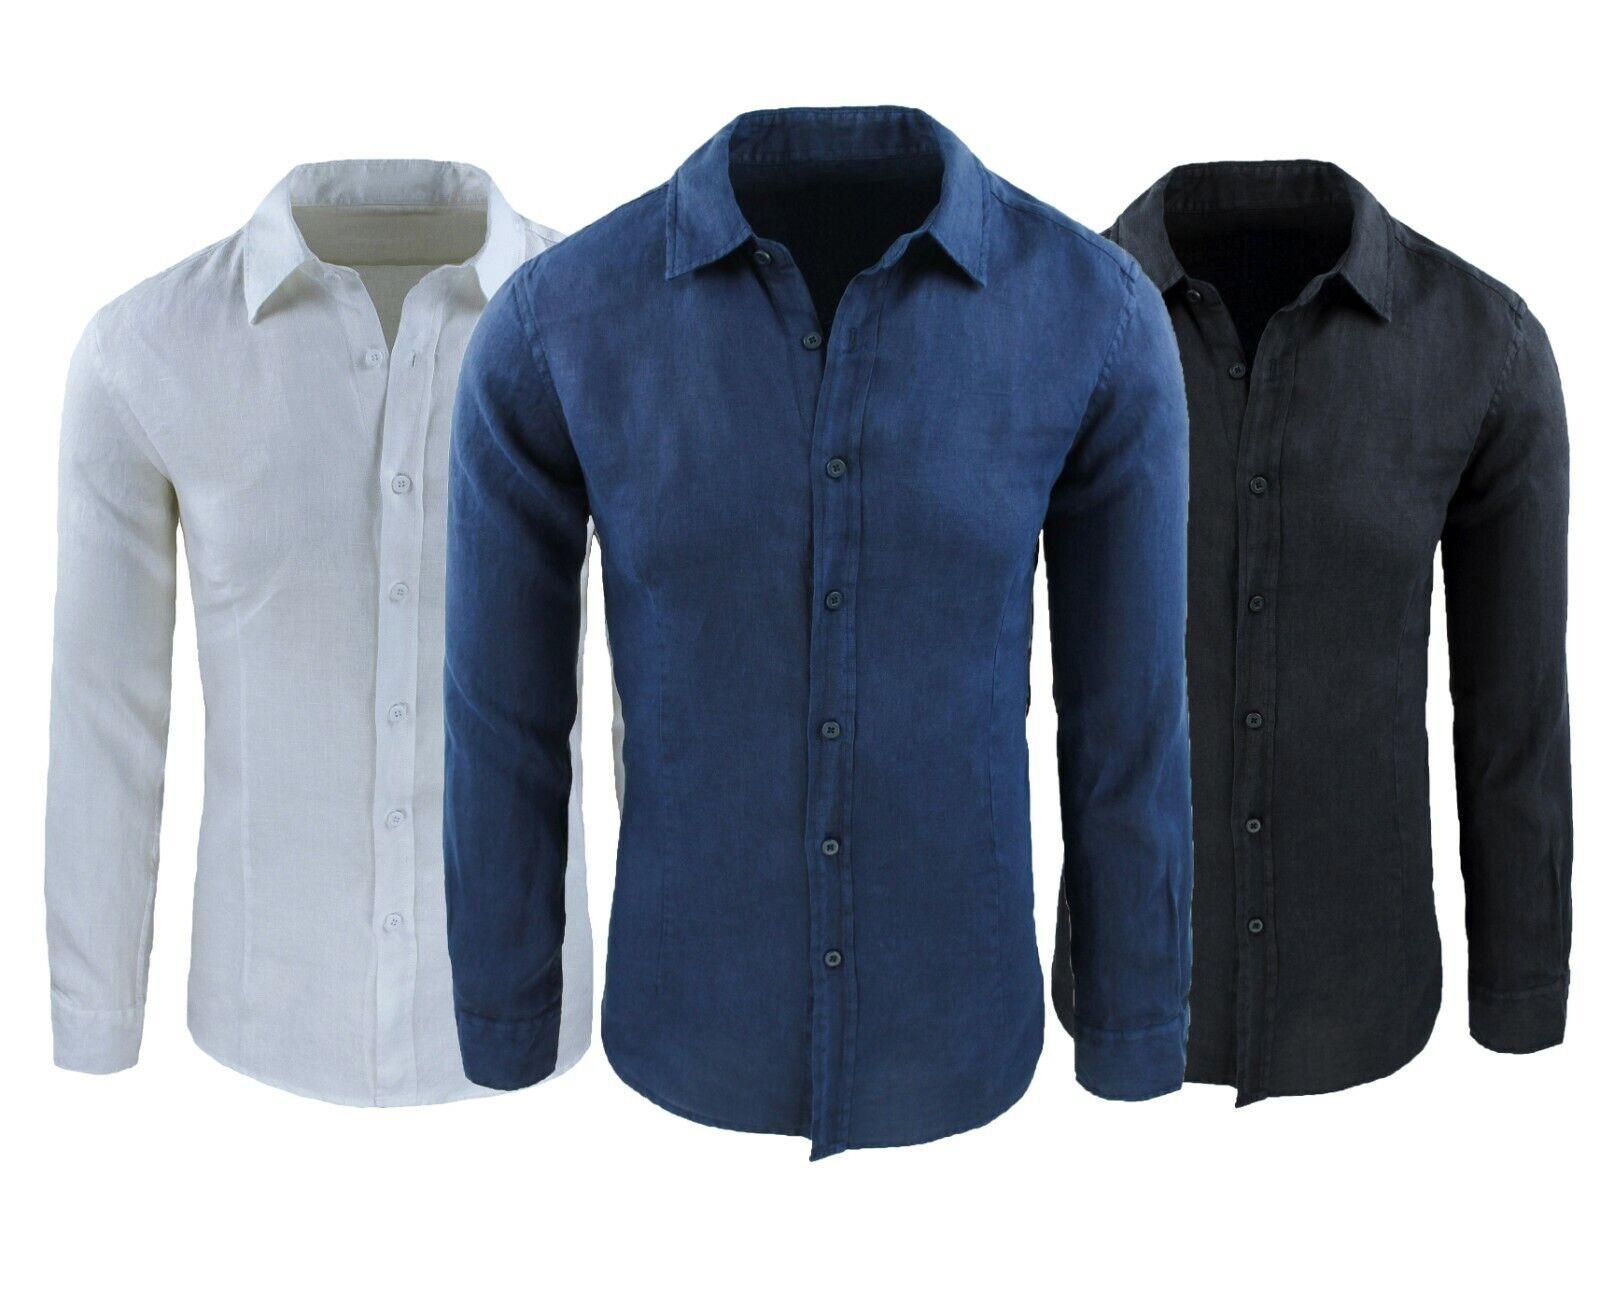 Diamond camicia di lino uomo Serafino estiva nero casual con collo alla coreana